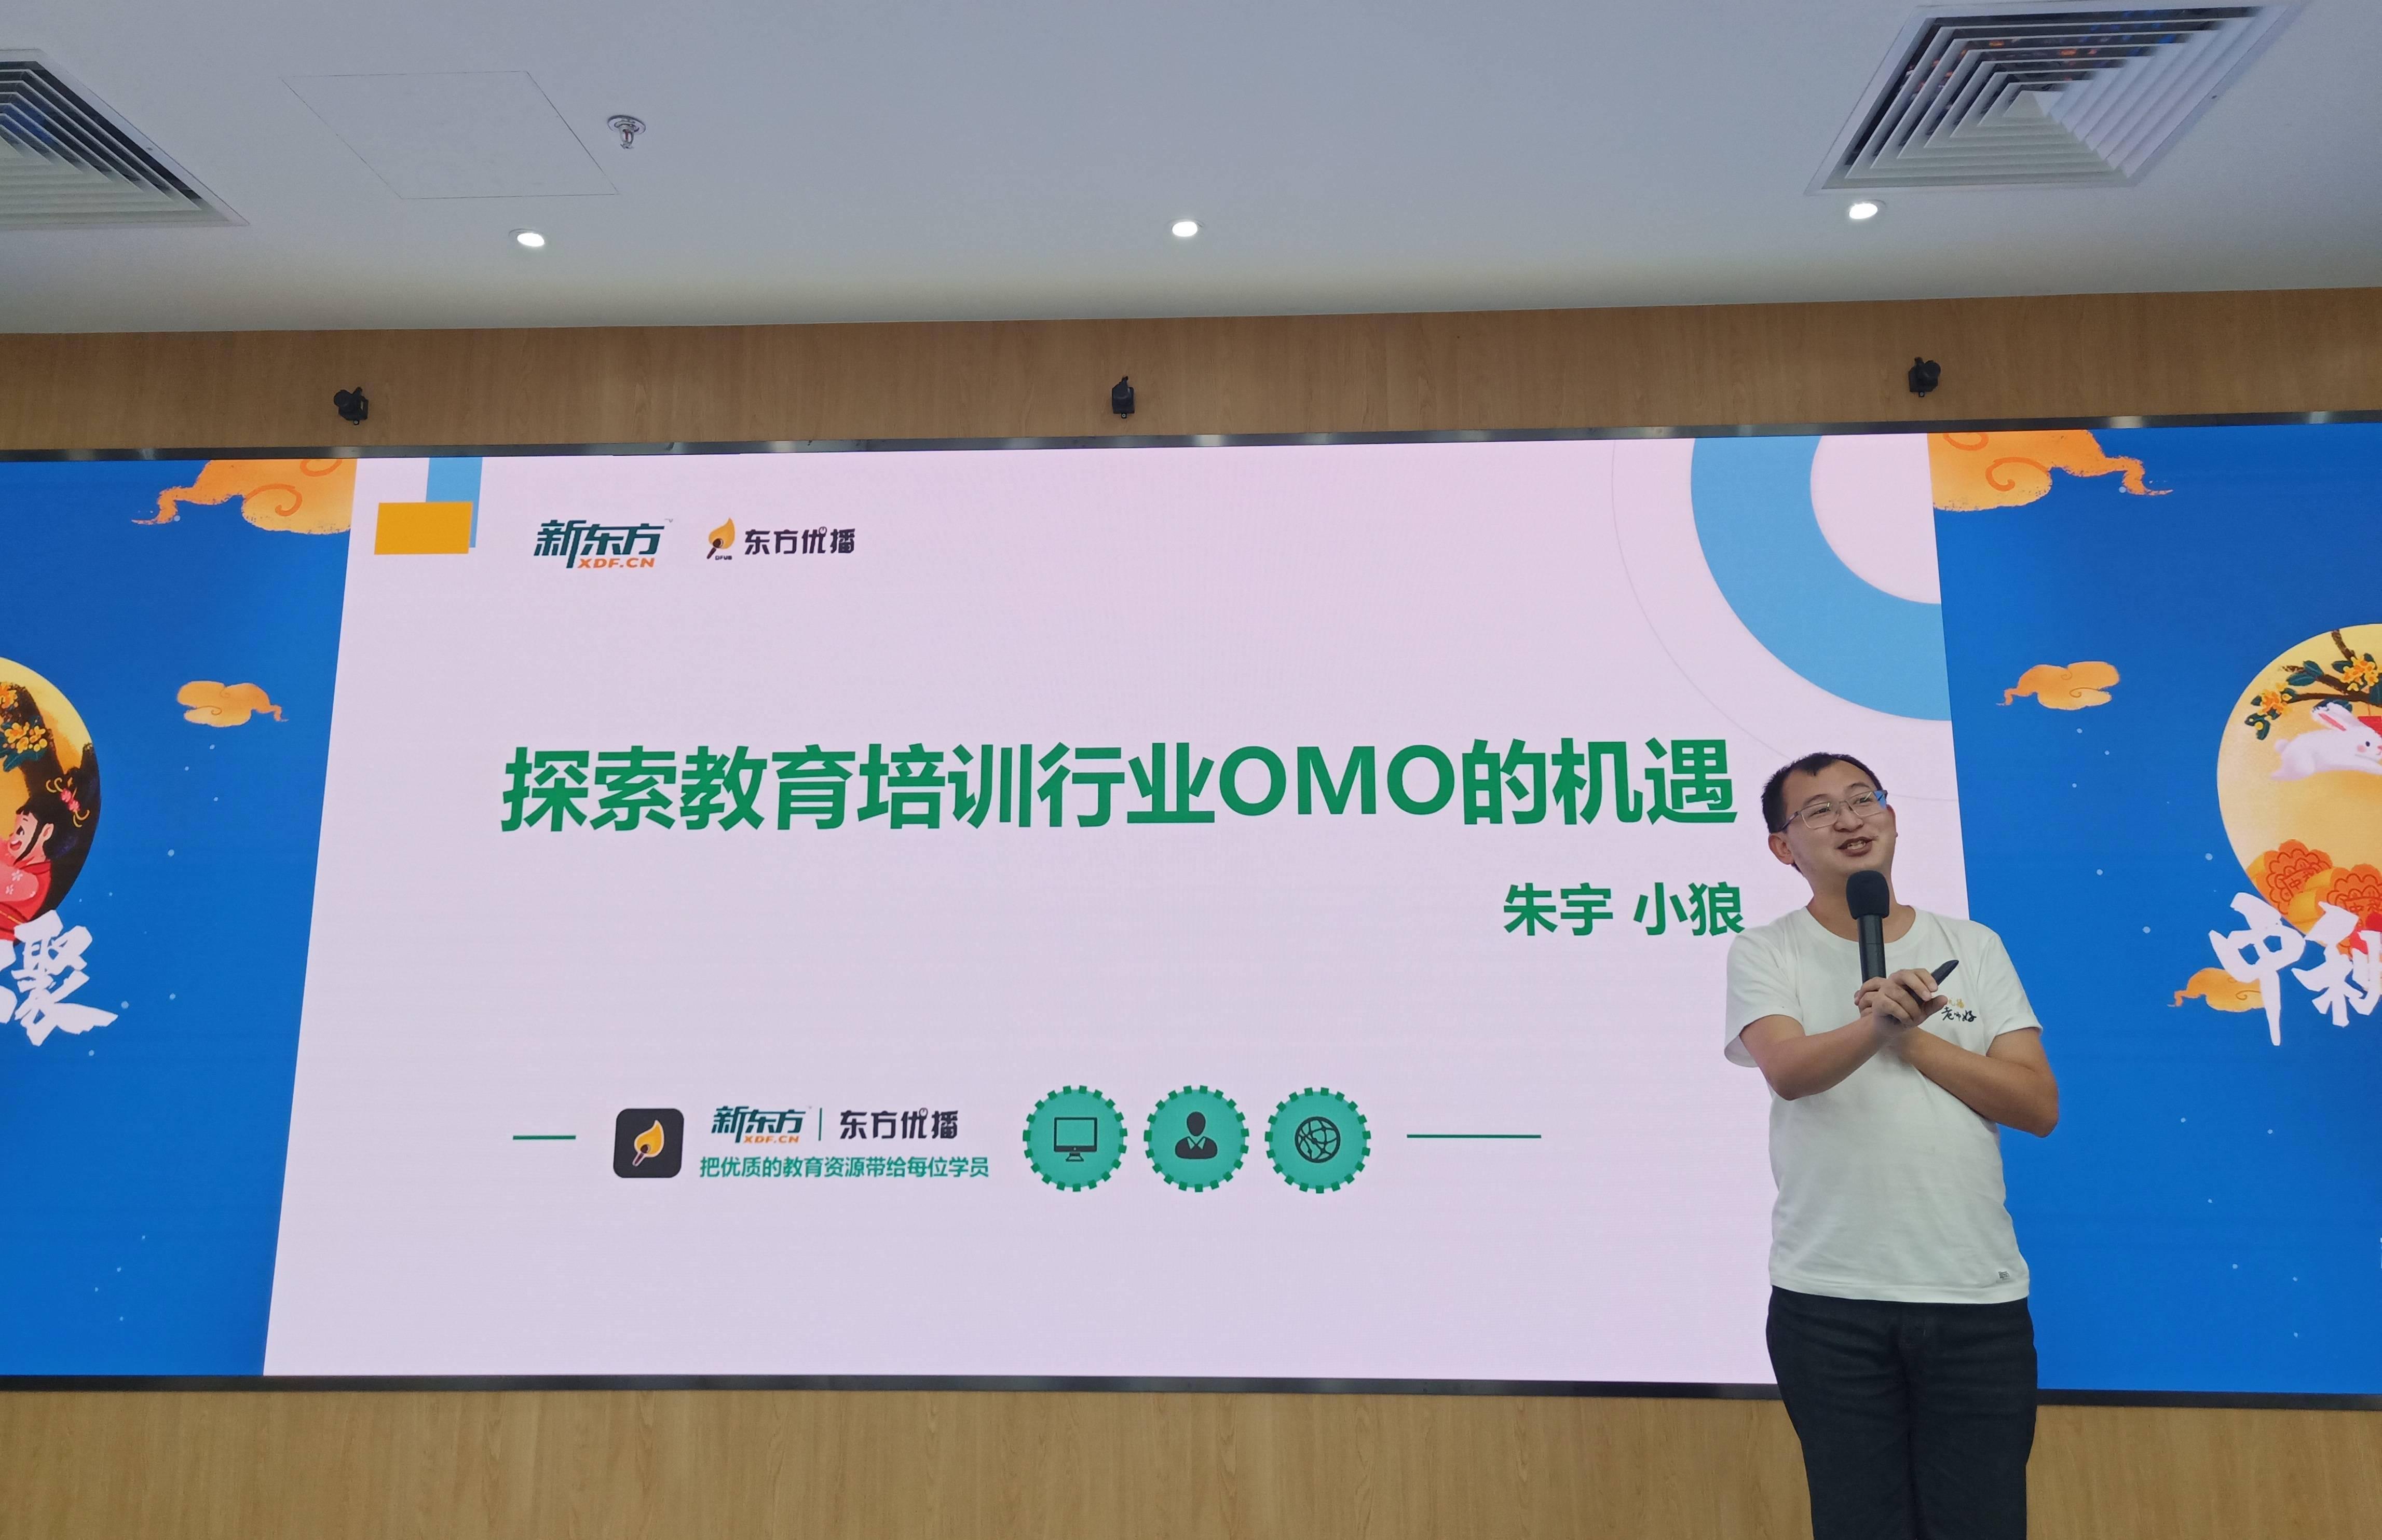 朱宇:OMO是教培行业滋长的必定方位